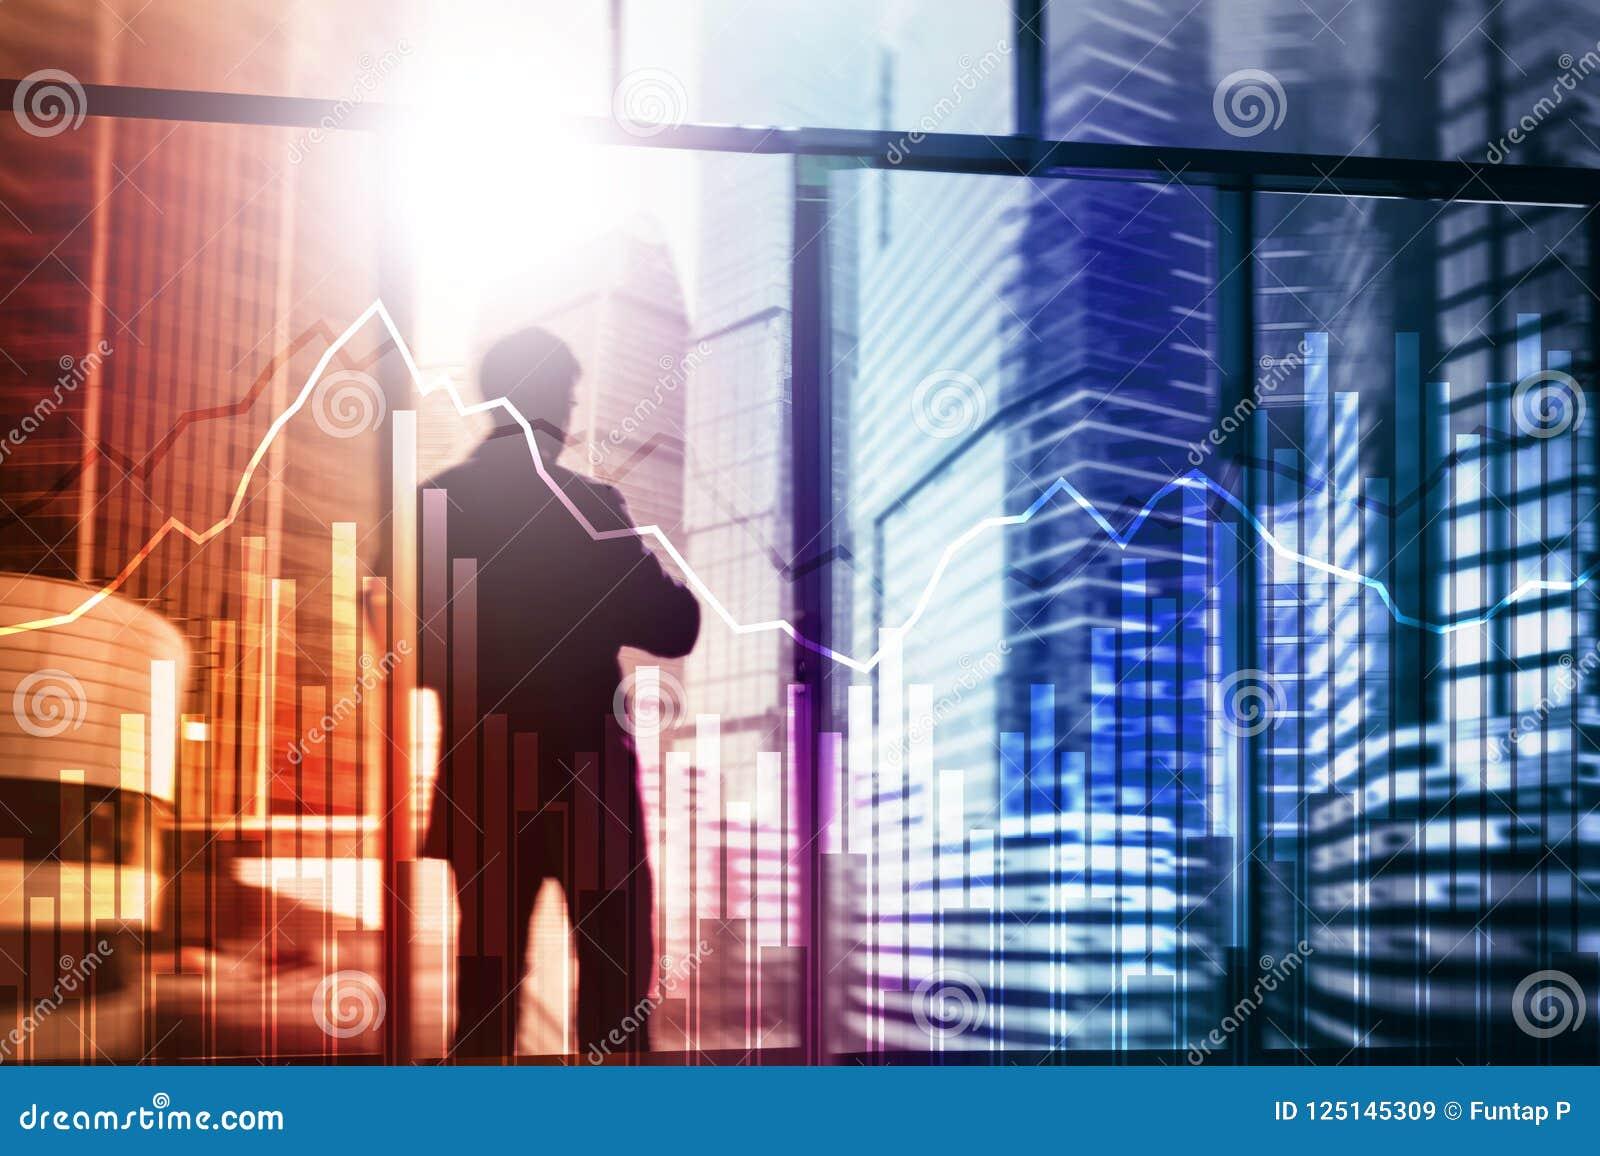 Gráfico del negocio y de las finanzas en fondo borroso Concepto del comercio, de la inversión y de la economía